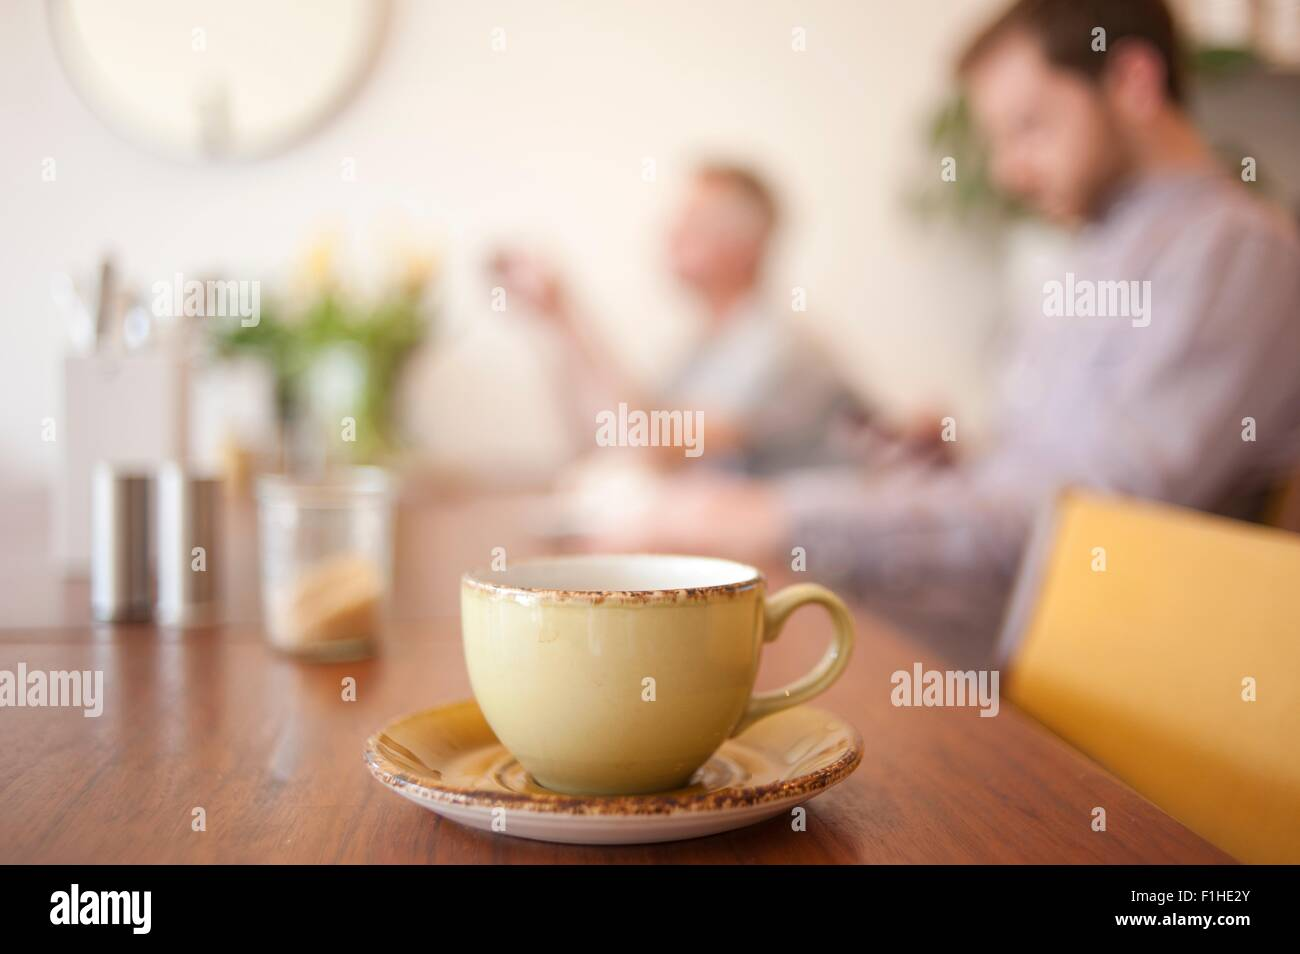 Tasse sur la table et les gens en arrière-plan dans un café Photo Stock